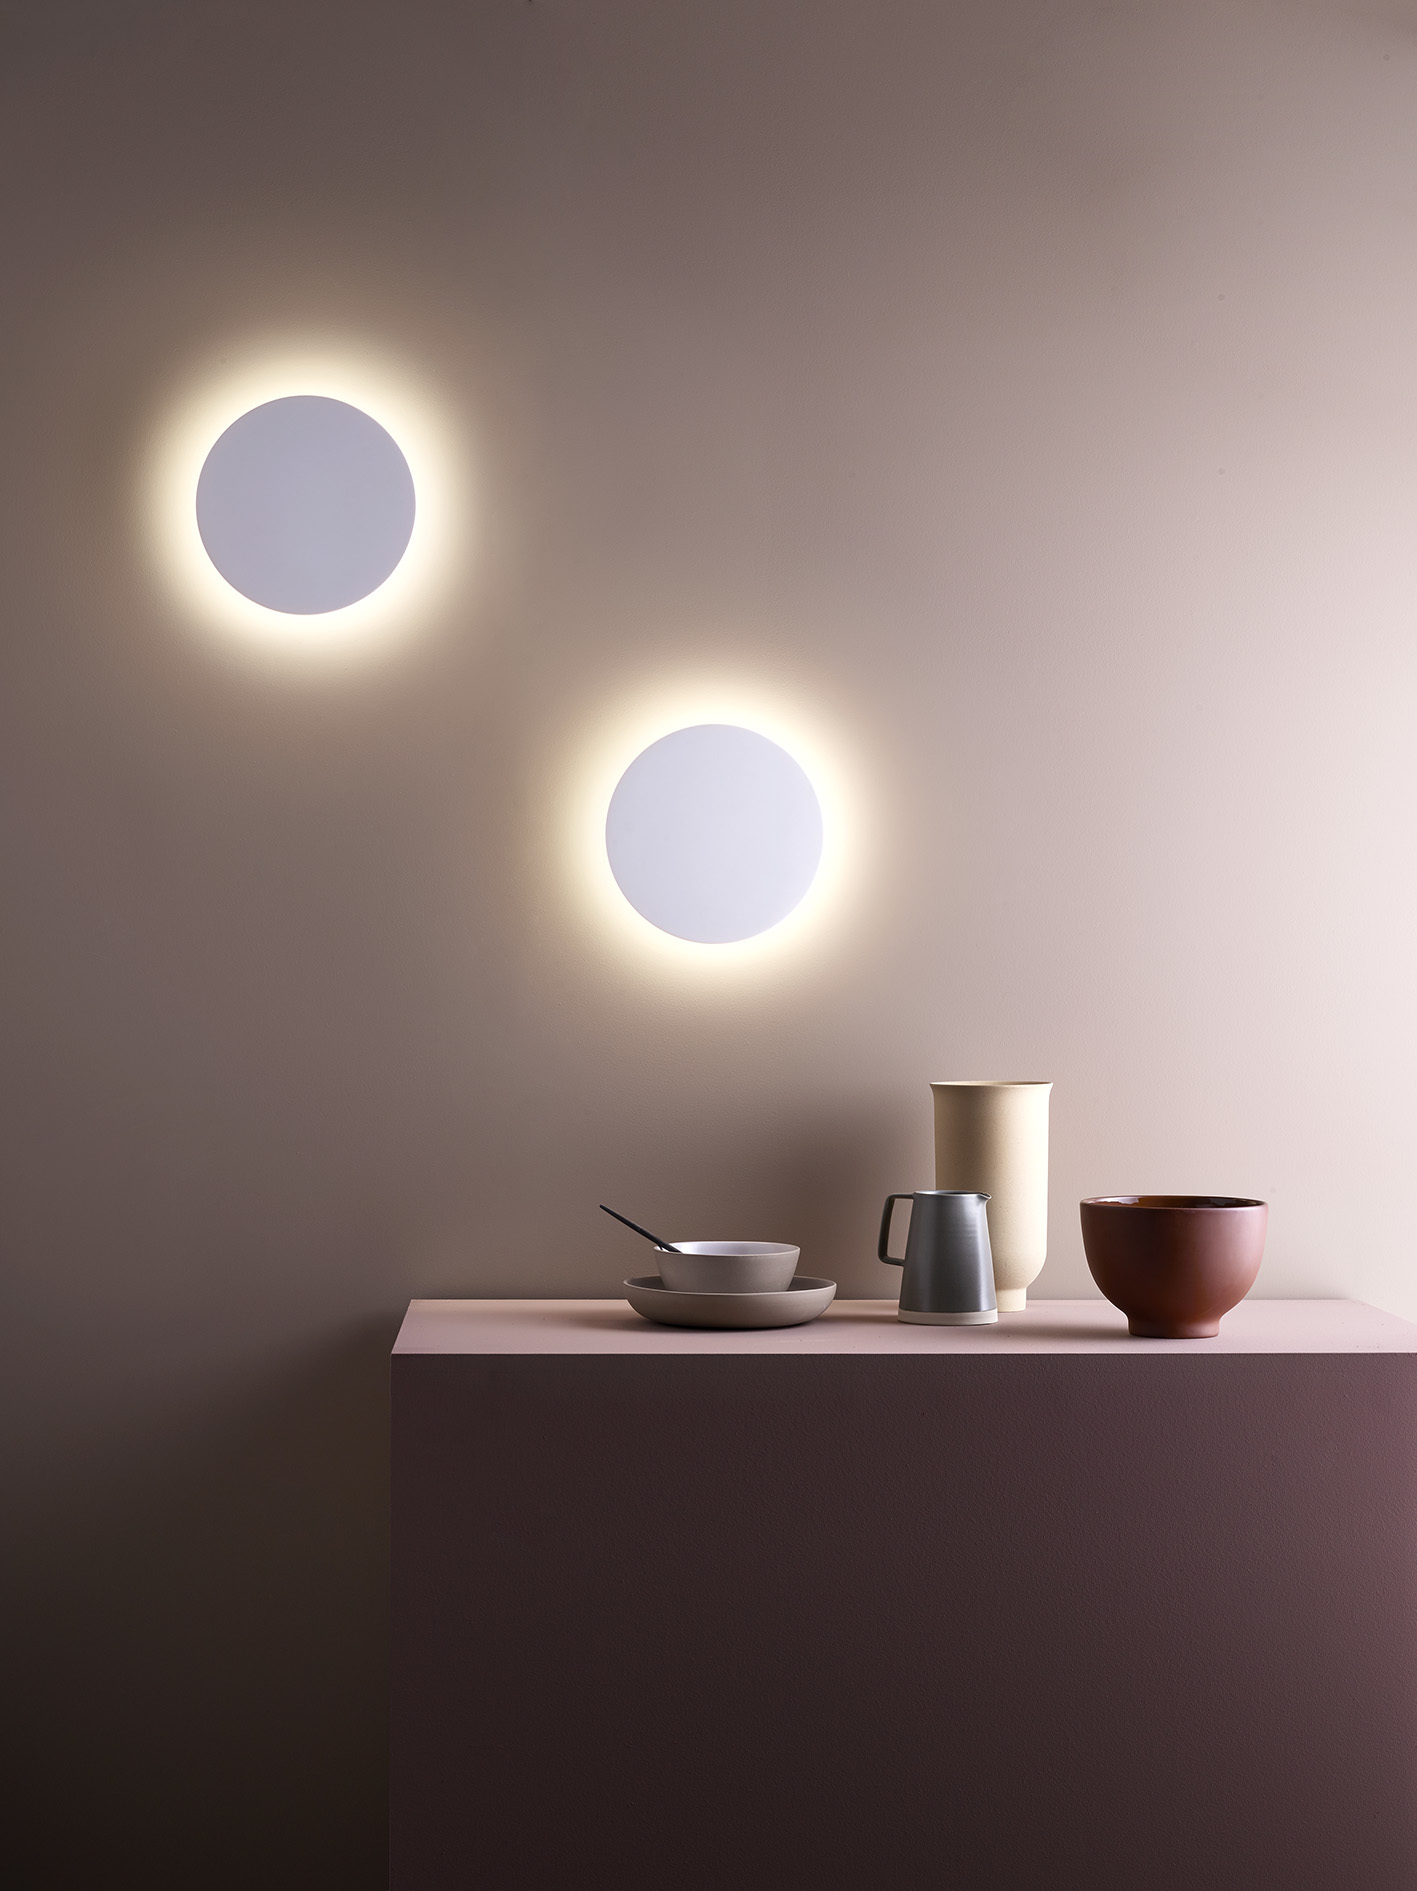 Настенный светодиодный светильник Astro Eclipse 1333005 (7611), LED 8,1W 2700K 357.43lm CRI60, белый, под покраску, гипс - фото 5